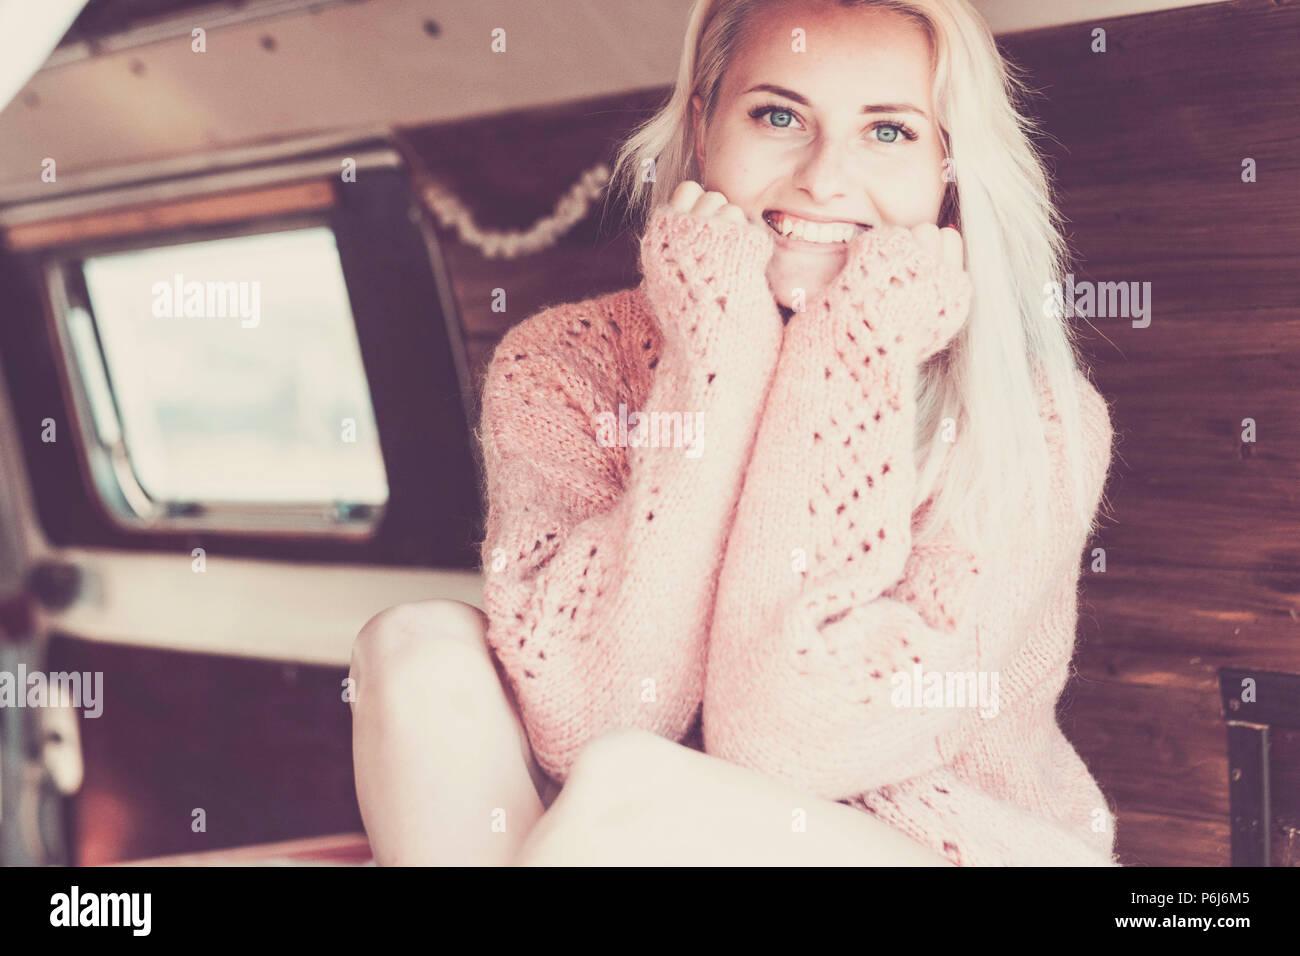 Belle blonde modèle caucasien blanc avec peau beauté visage sourire en vous regardant la caméra. s'asseoir dans un van avec intérieur en bois prêt à voyager Photo Stock